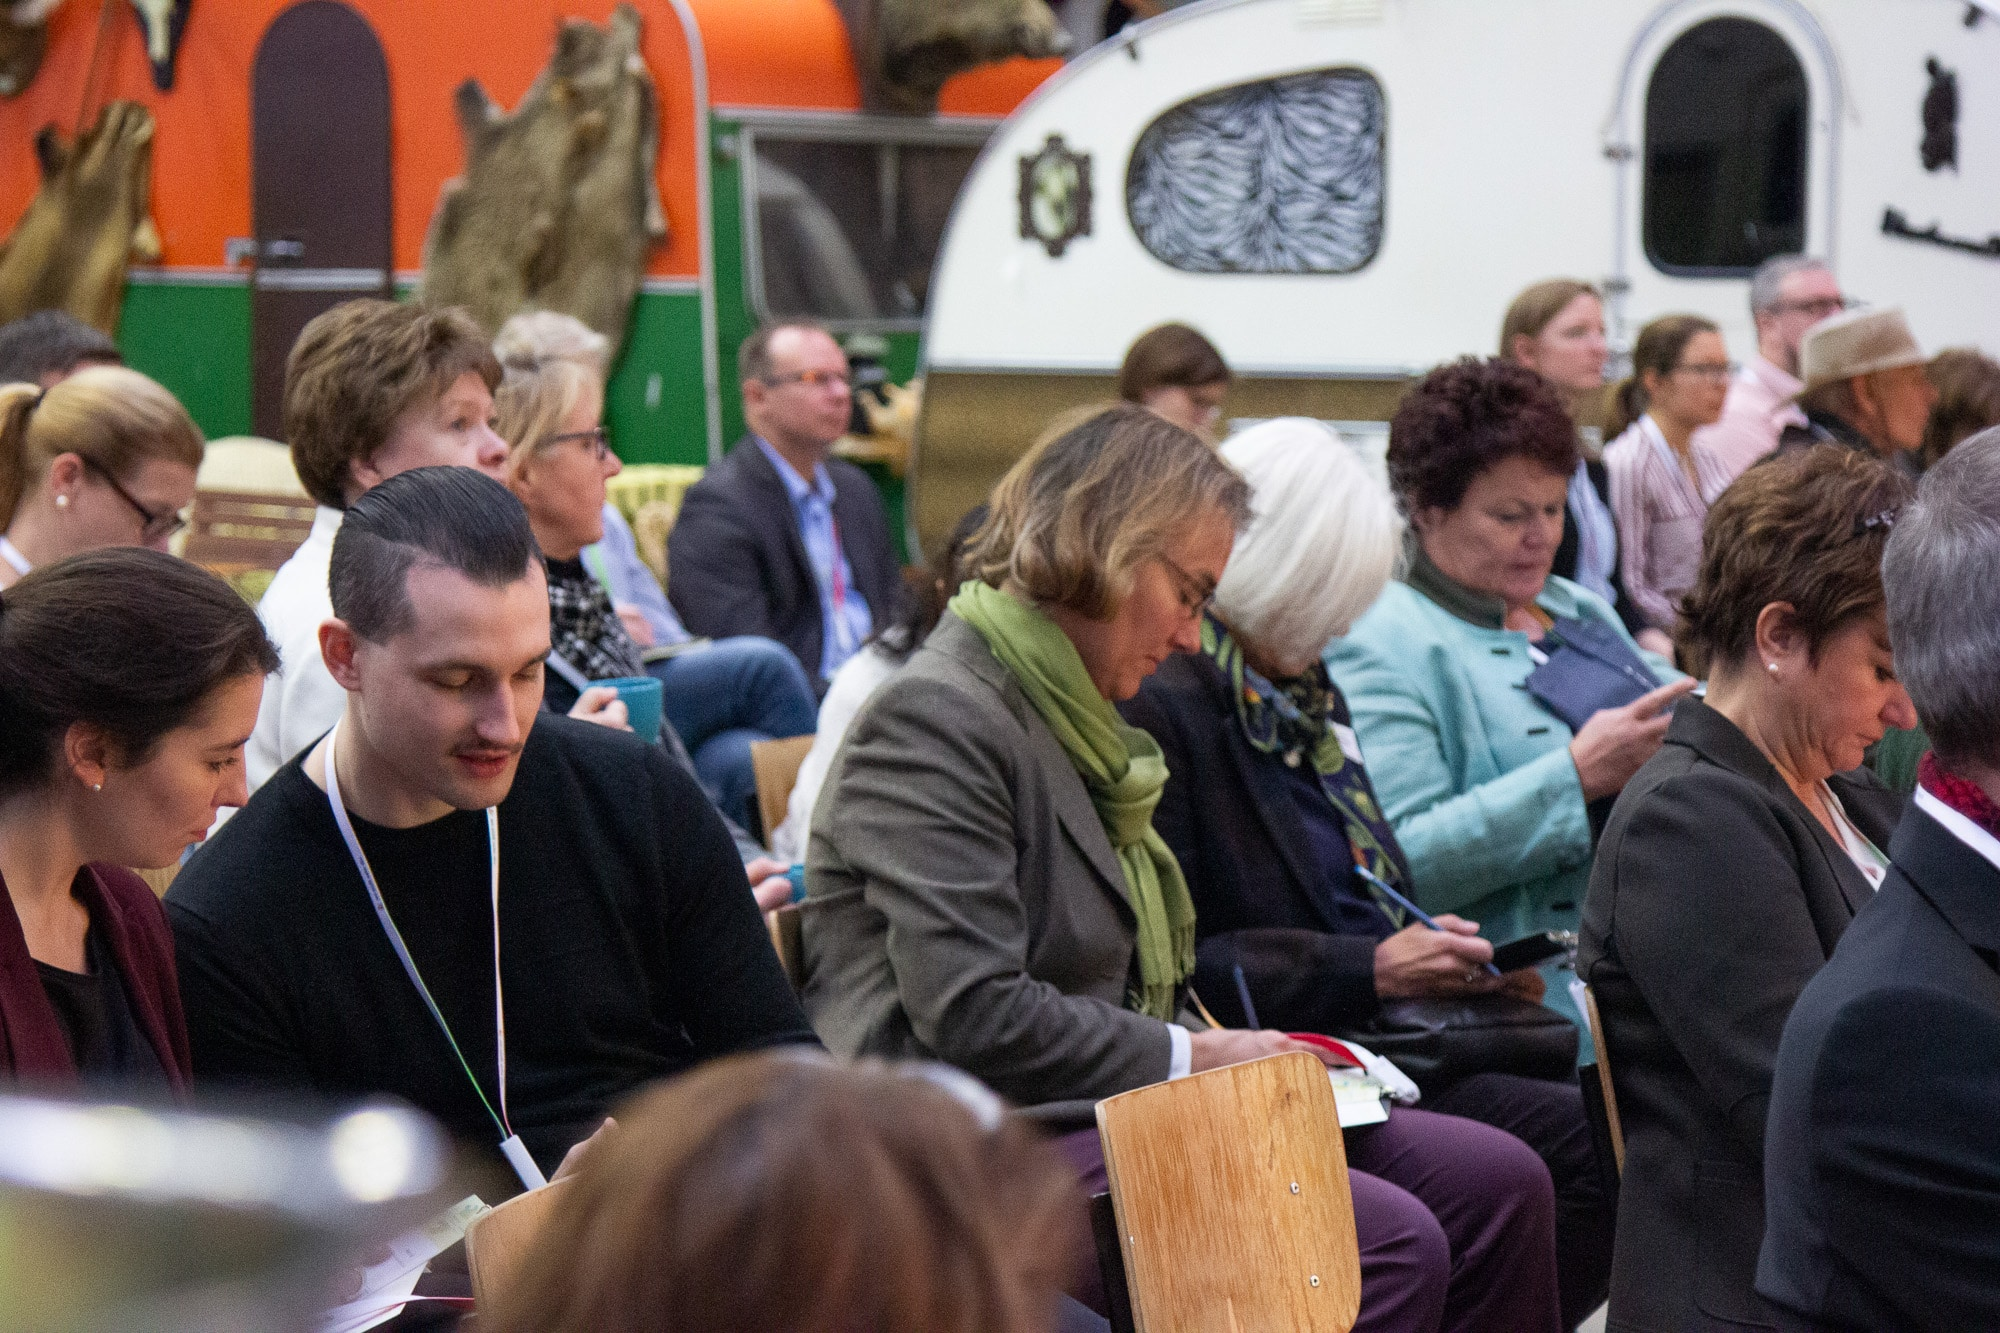 Teilnehmer des Sweetcamp, Veranstaltung im Barcamp-Format des Süßstoff-Verband, Eventmanagement